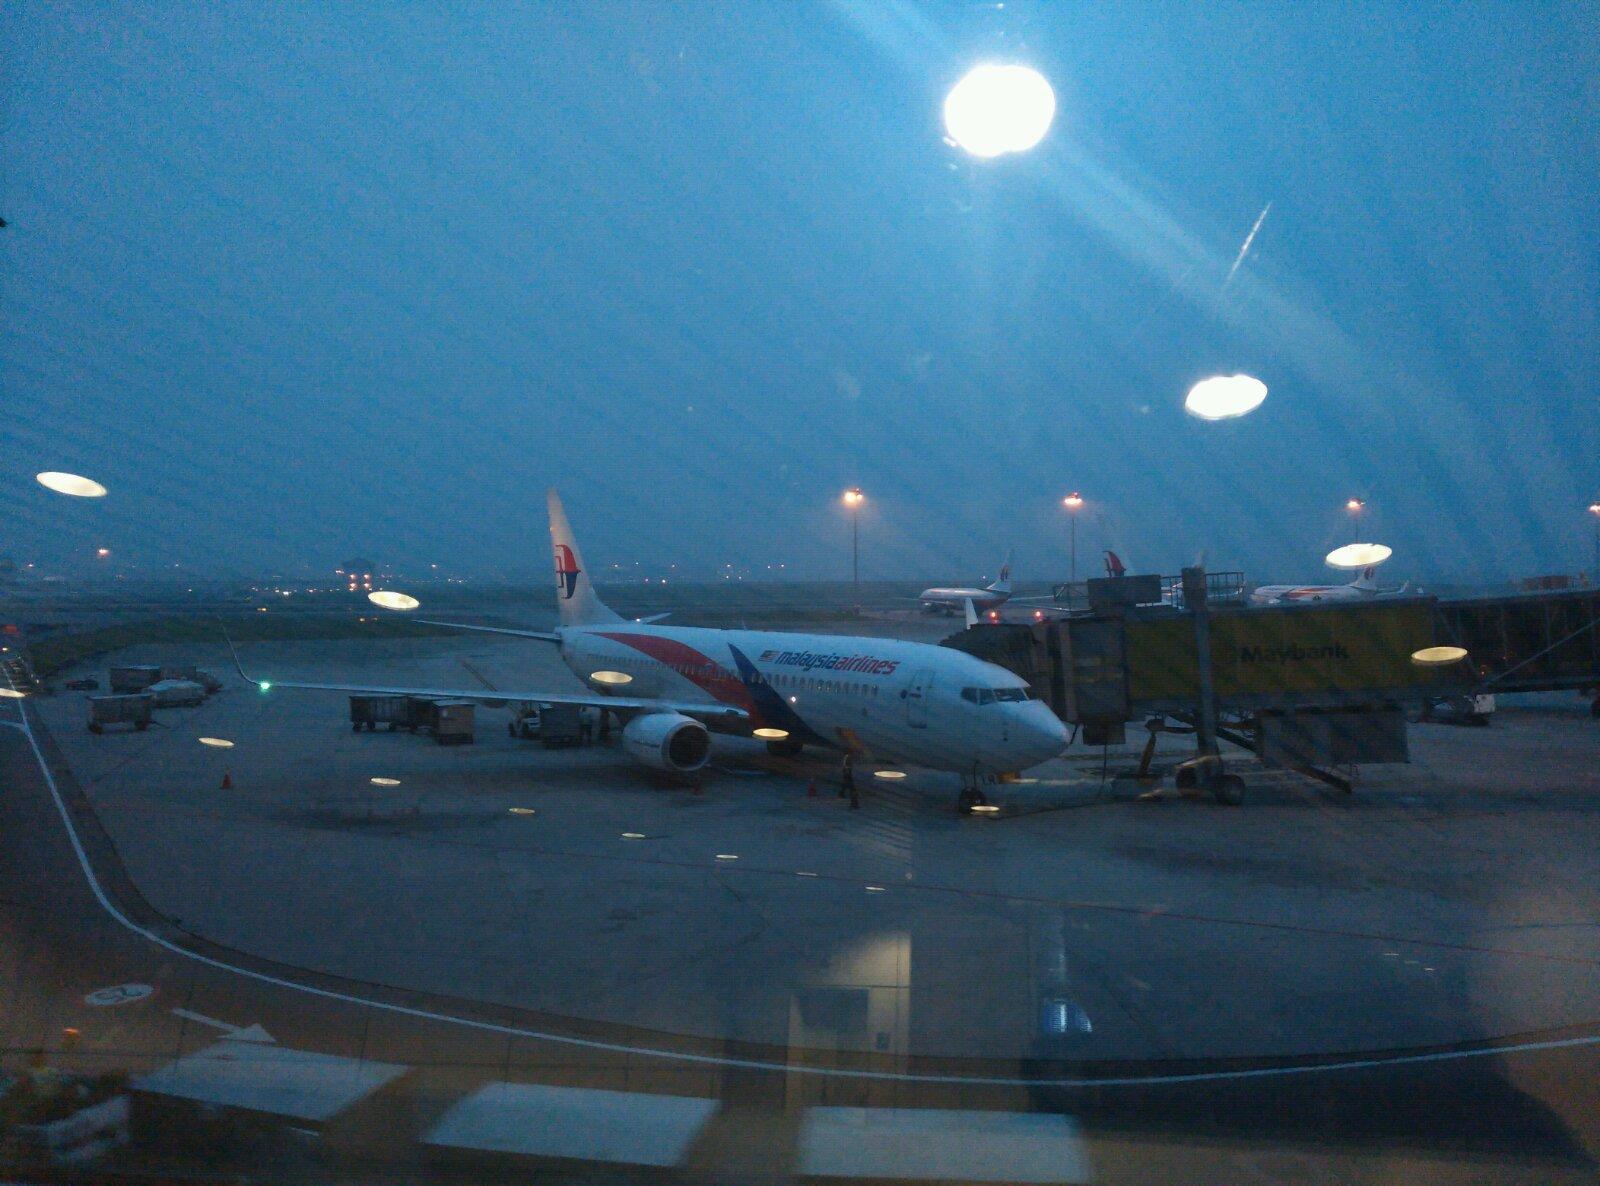 香港-吉隆坡-登嘉楼-热浪岛